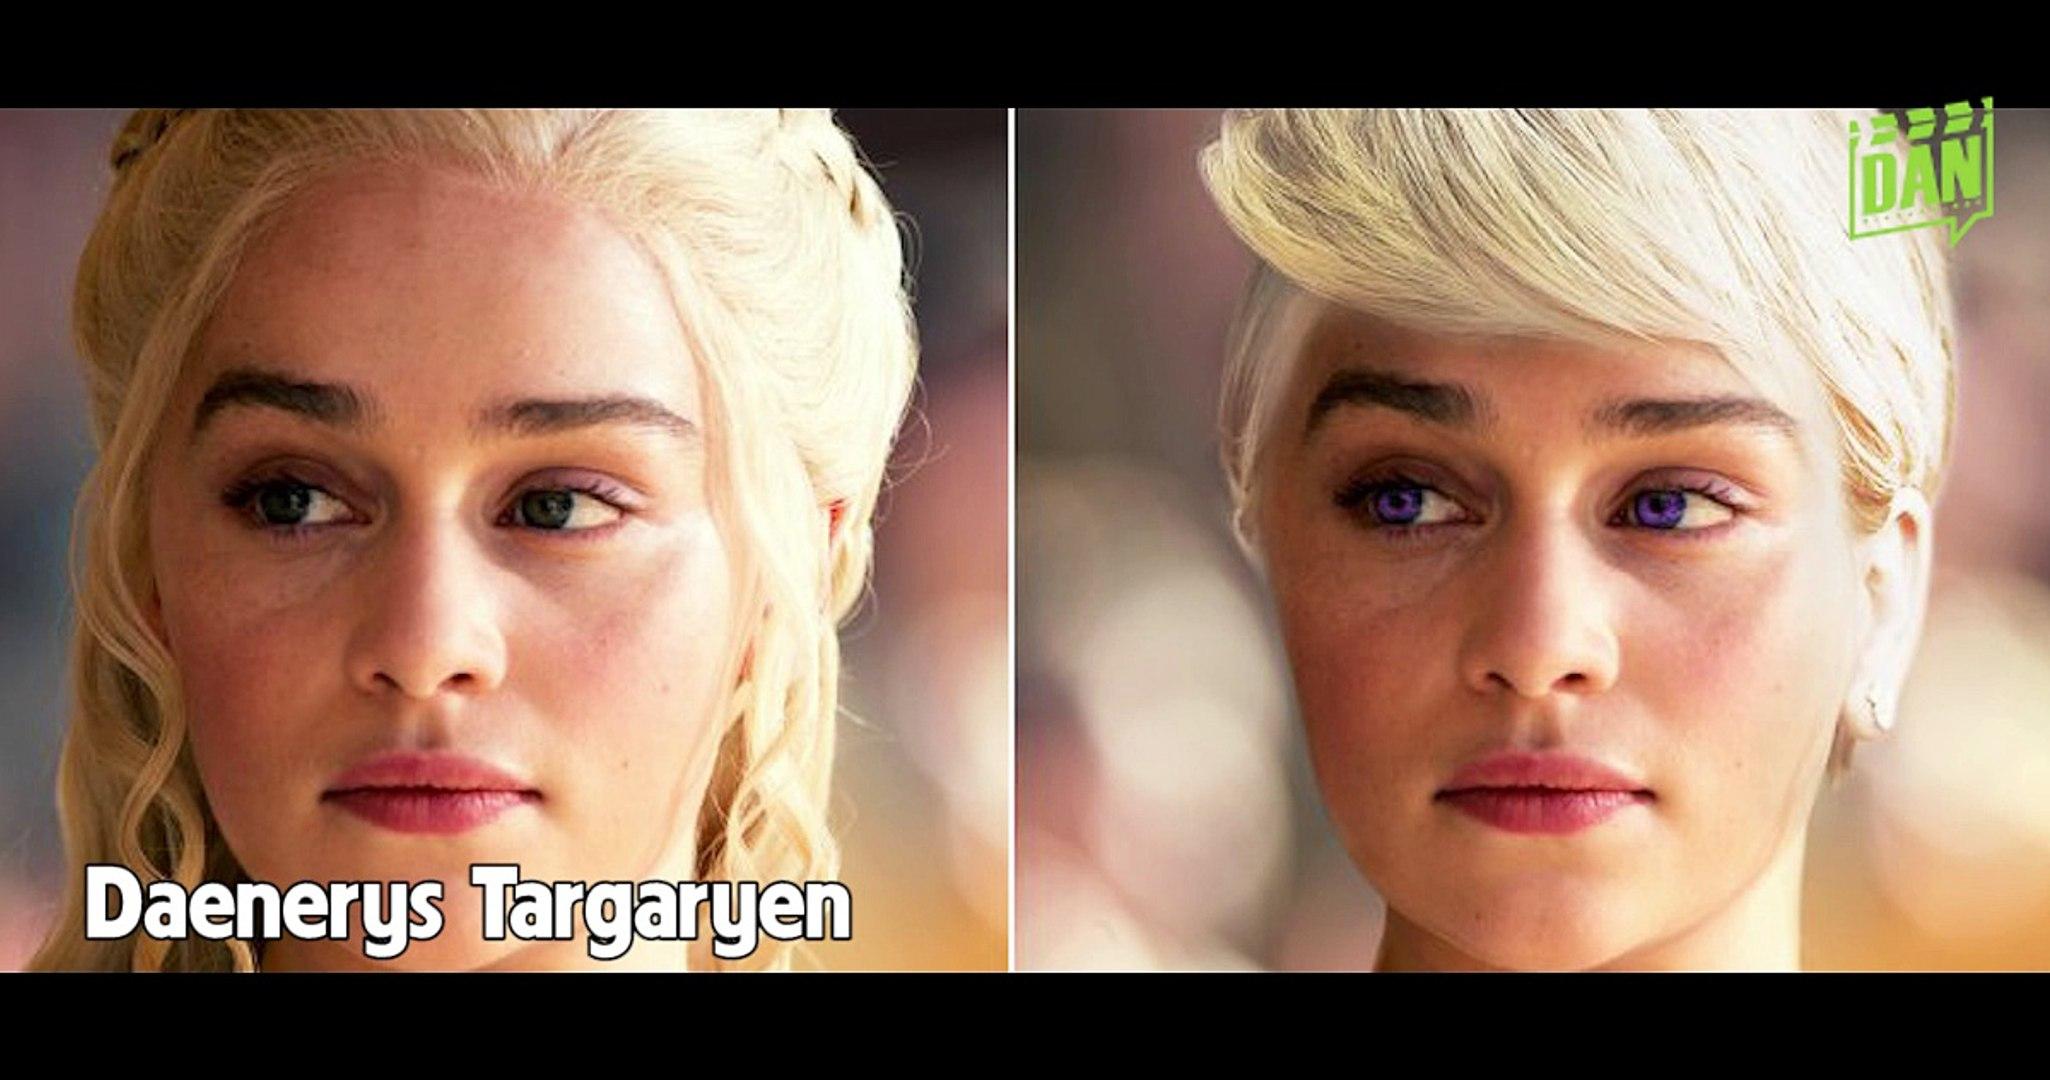 Diễn viên Game of Thrones điện ảnh vs tiểu thuyết